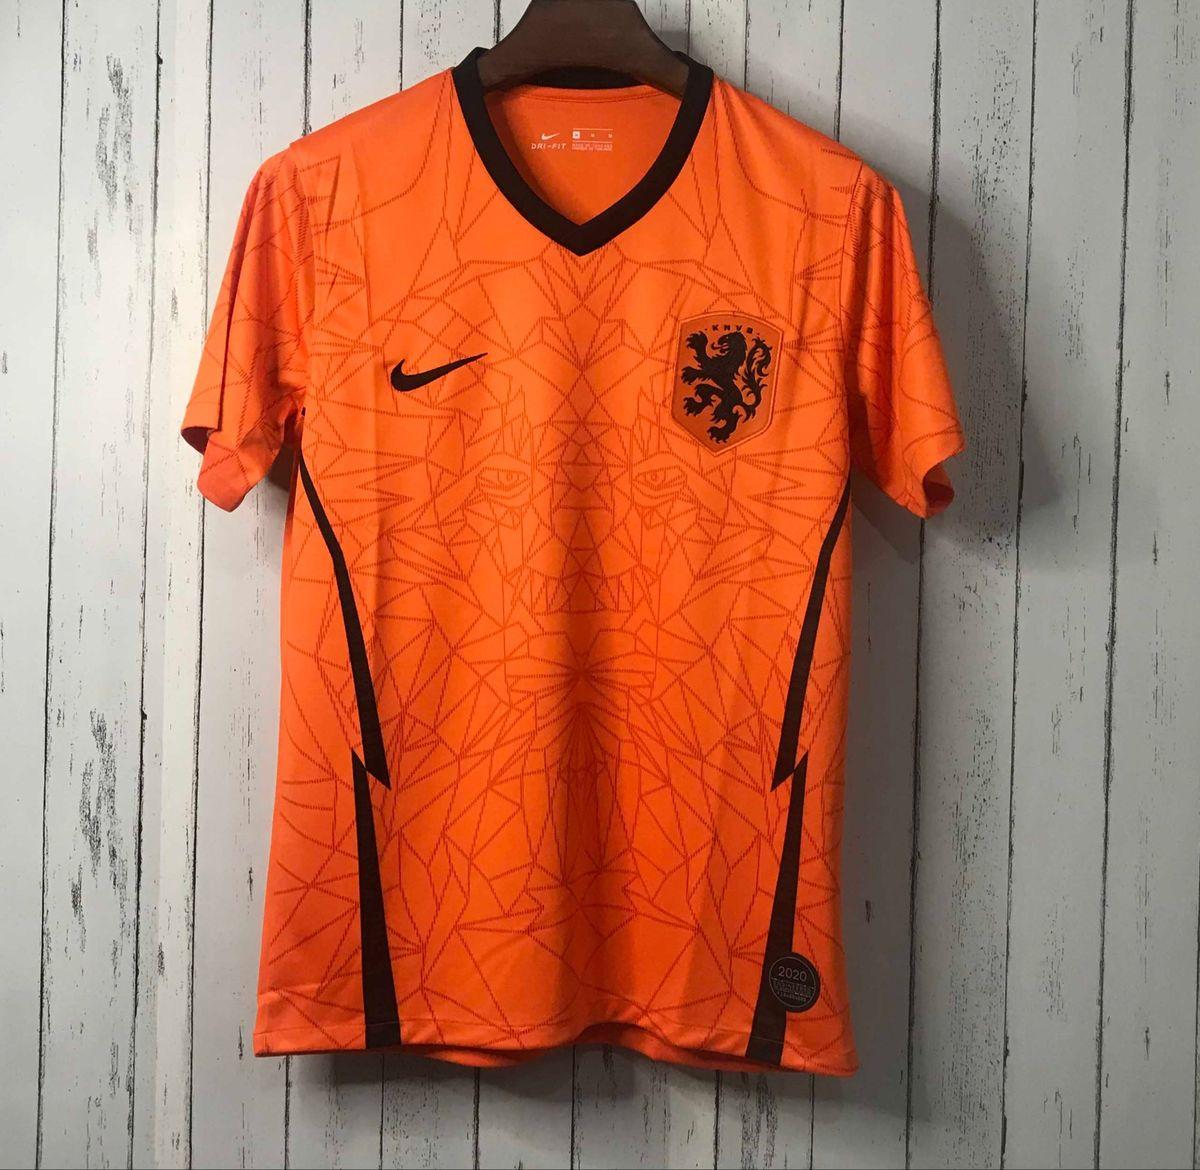 Automáticamente Trascendencia Tanga estrecha  Camisa Holanda L 20/21 Torcedor | Camiseta Masculina Nike Nunca Usado  43603967 | enjoei